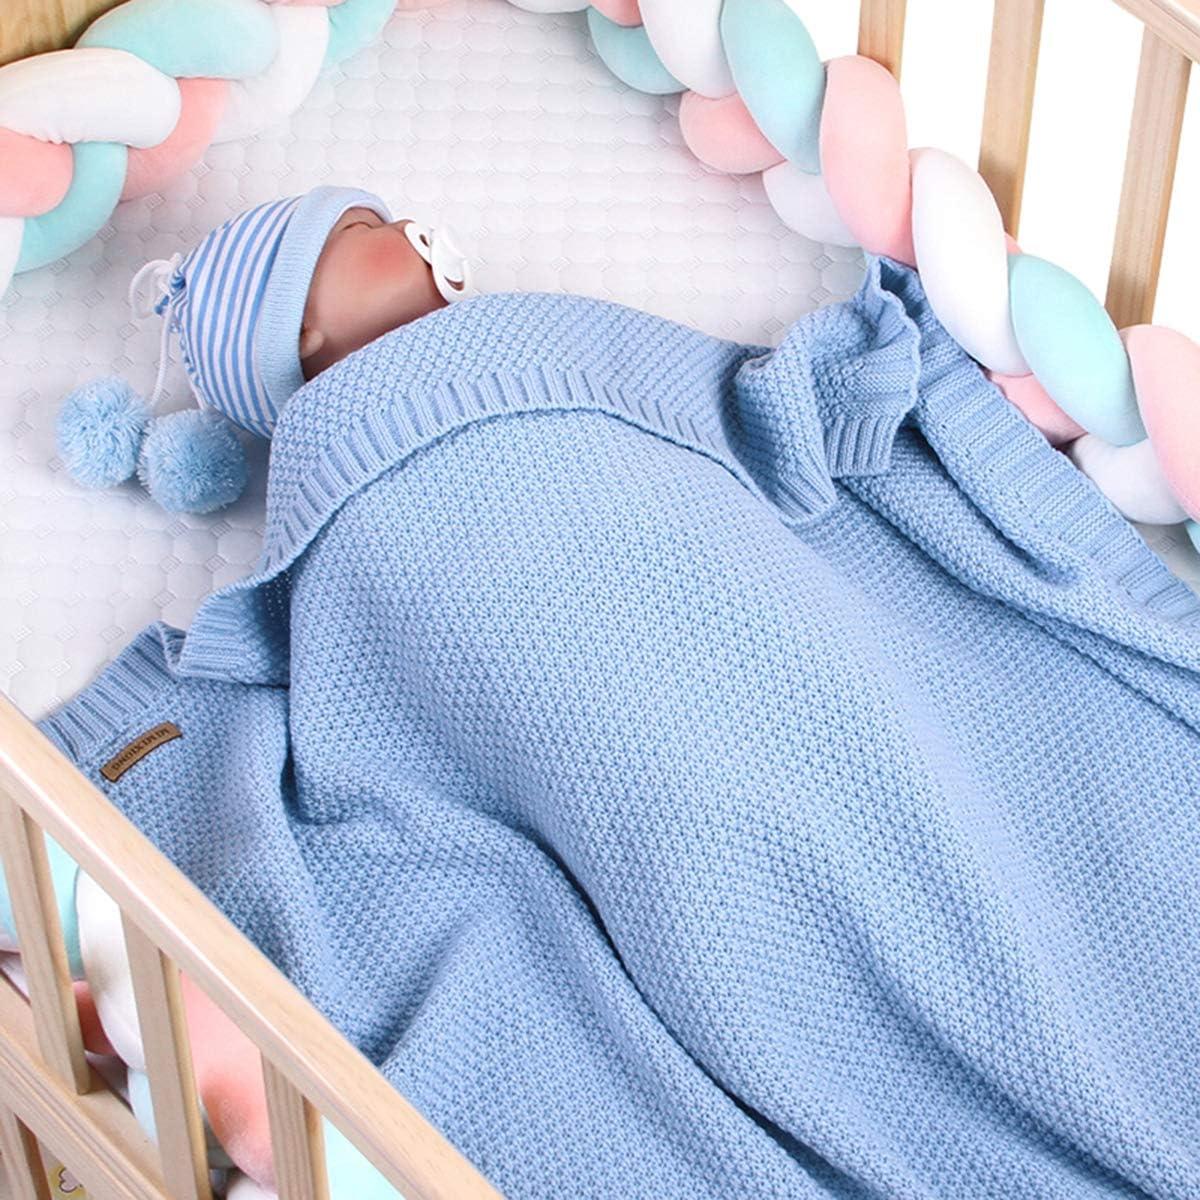 Leyeet Manta de ganchillo para bebé y niña, manta de ganchillo para recién nacido, color opcional azul azul celeste Talla:Baby